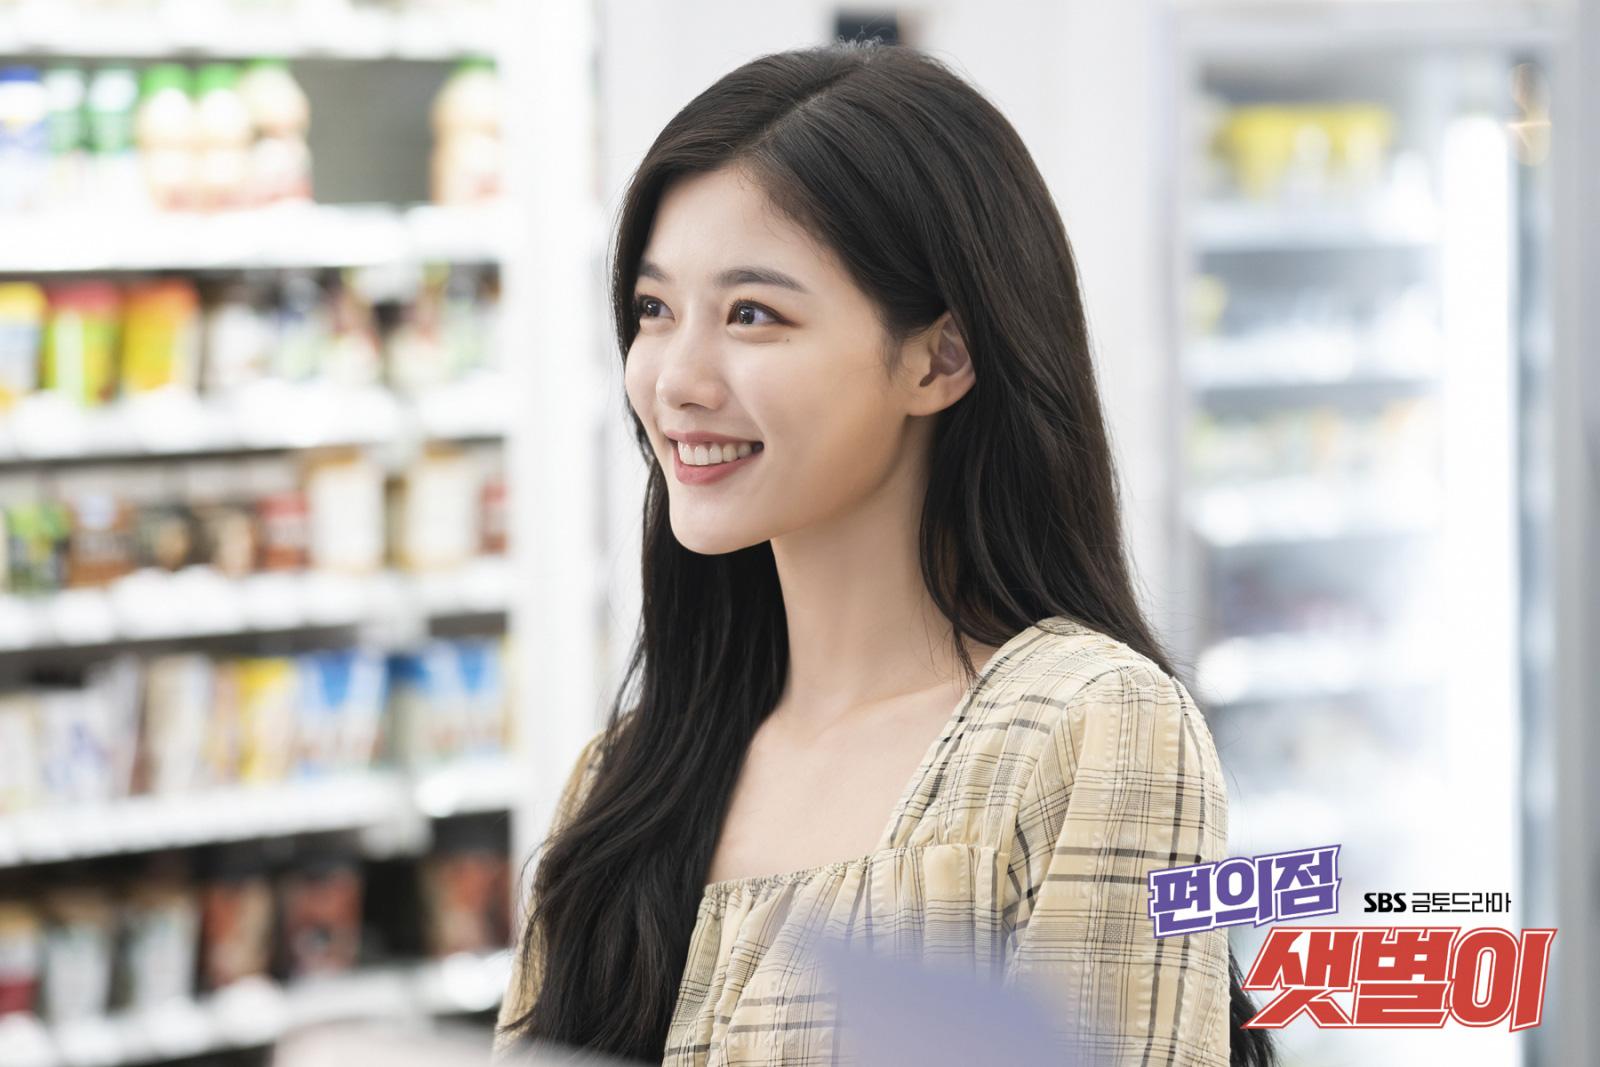 Vì Kim Yoo Jung quá đẹp nên dù chỉ đánh son dưỡng nhàn nhạt trong Backstreet Rookie mà vẫn xinh hết sức - Ảnh 3.